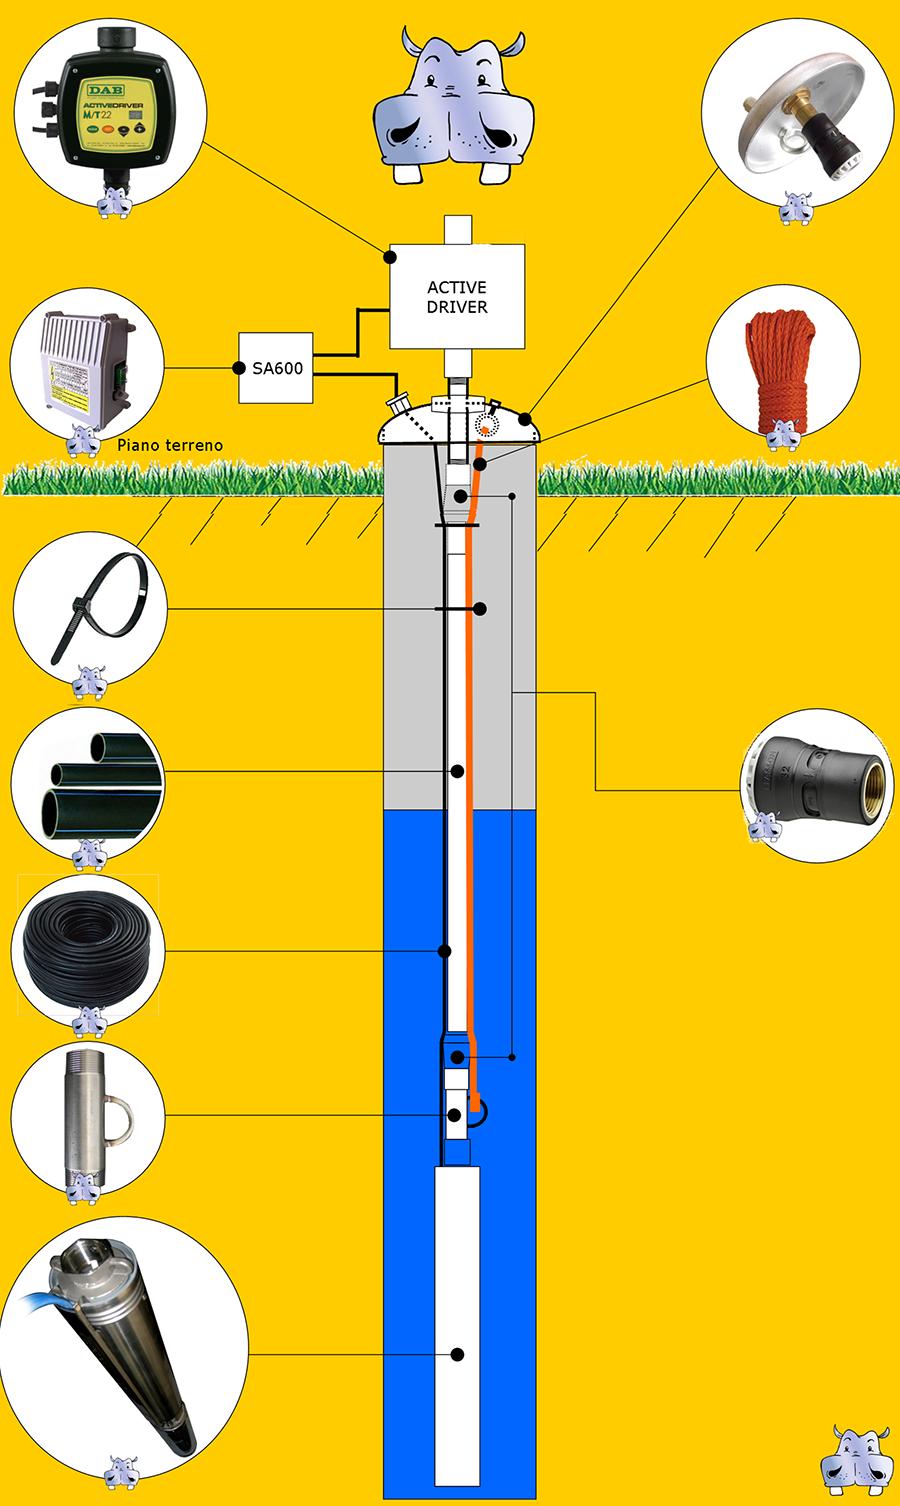 Schema Elettrico Per Pompa Sommersa : Impianto di sollevamento acqua pozzo pompa sommersa